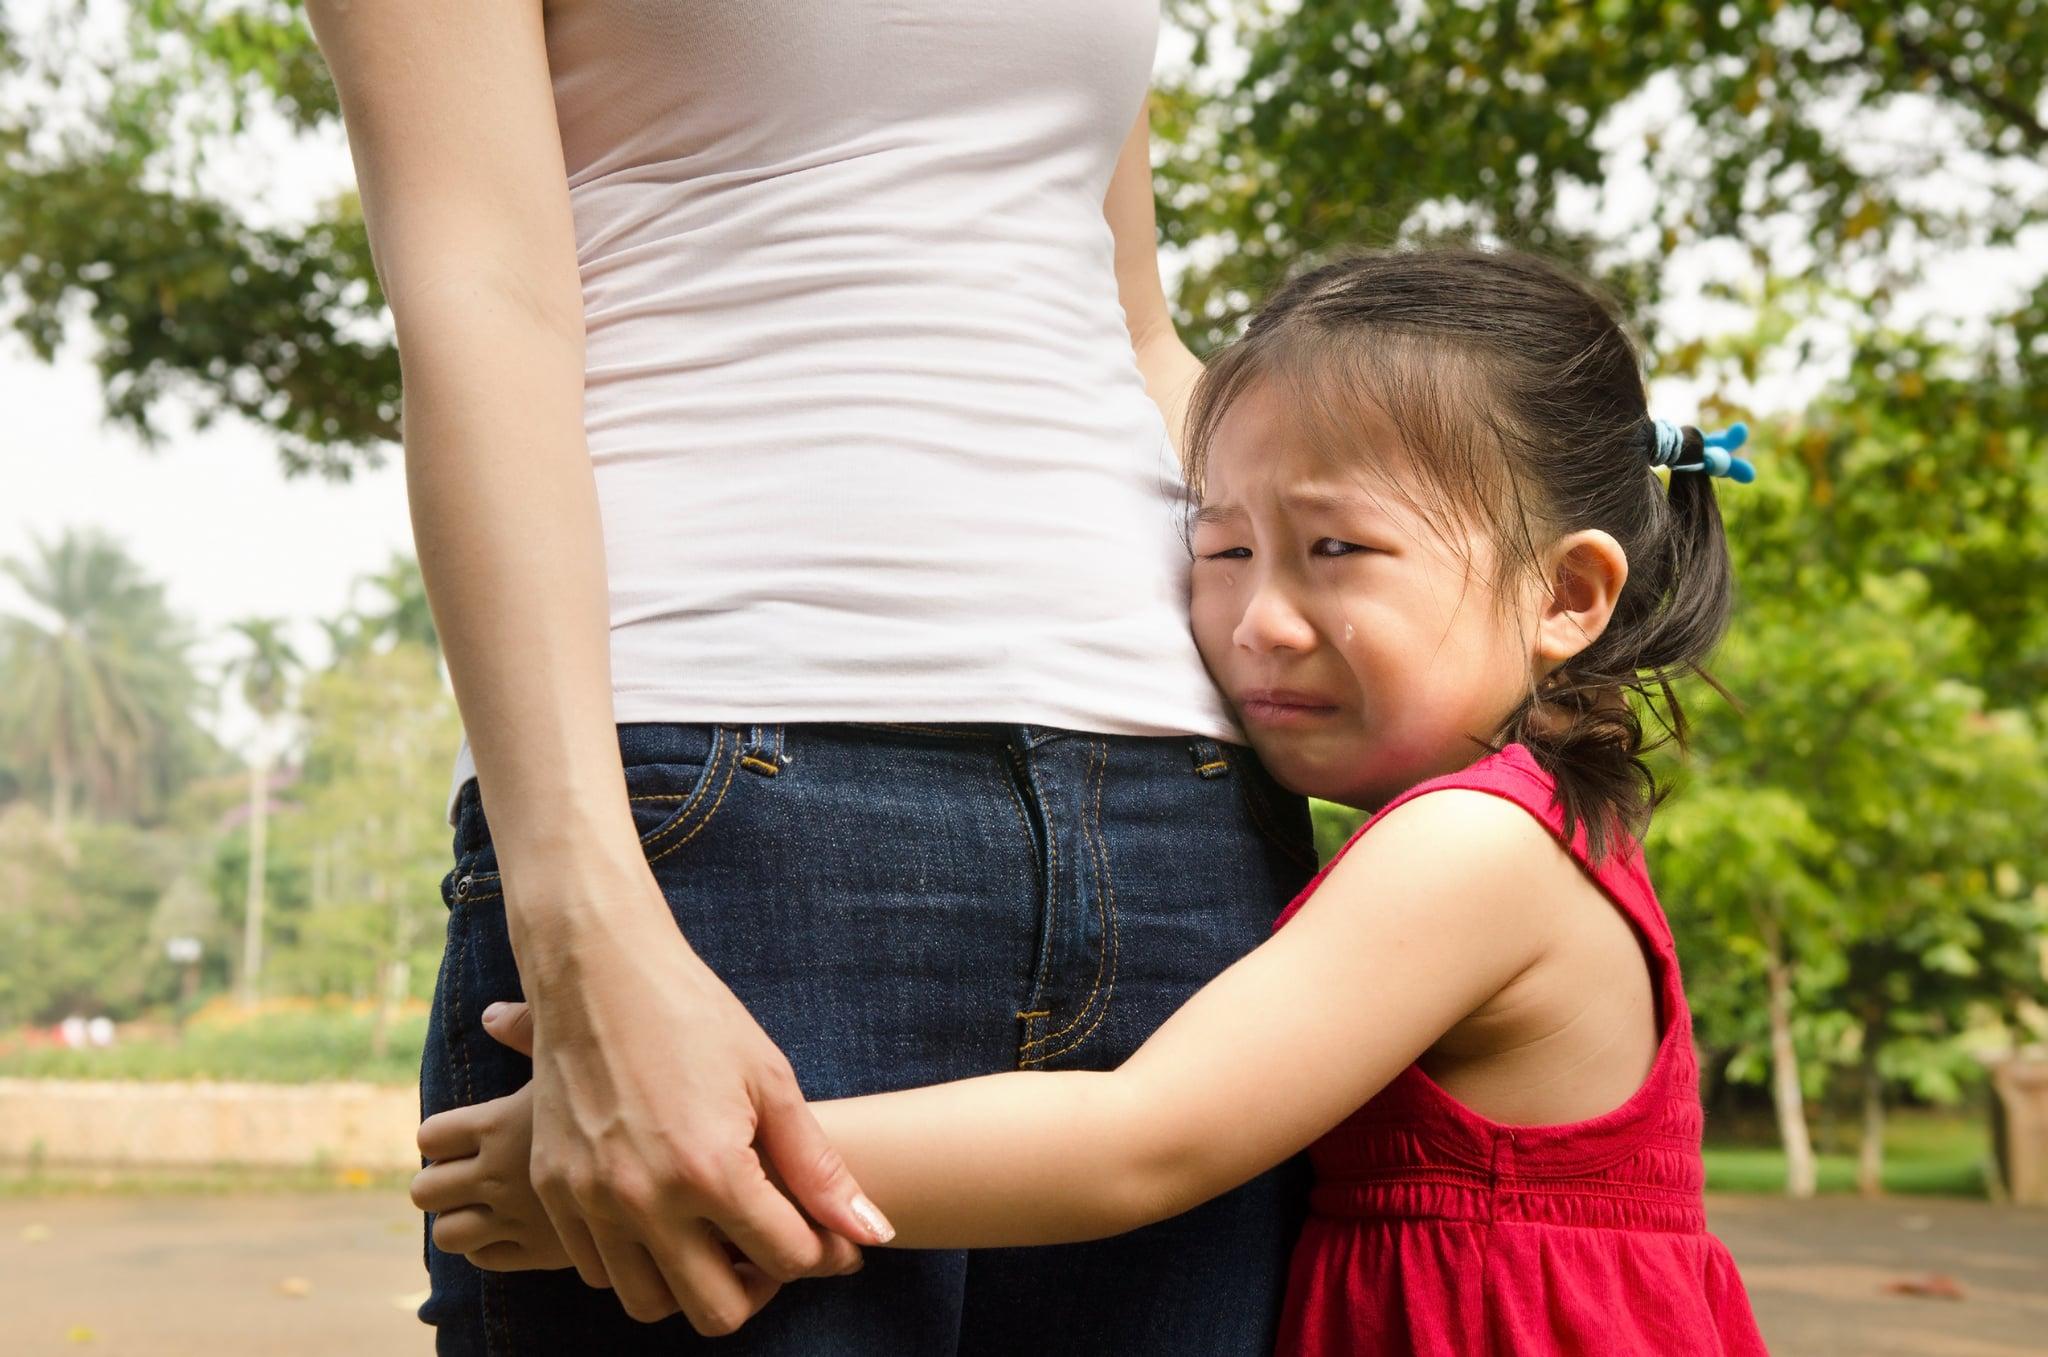 Thấy mẹ chồng giật đồ chơi từ tay con trai mang qua cho cháu gái, bà mẹ đã lên tiếng kêu gọi các cha mẹ khác: Hãy ngưng dạy con biết chia sẻ - Ảnh 3.